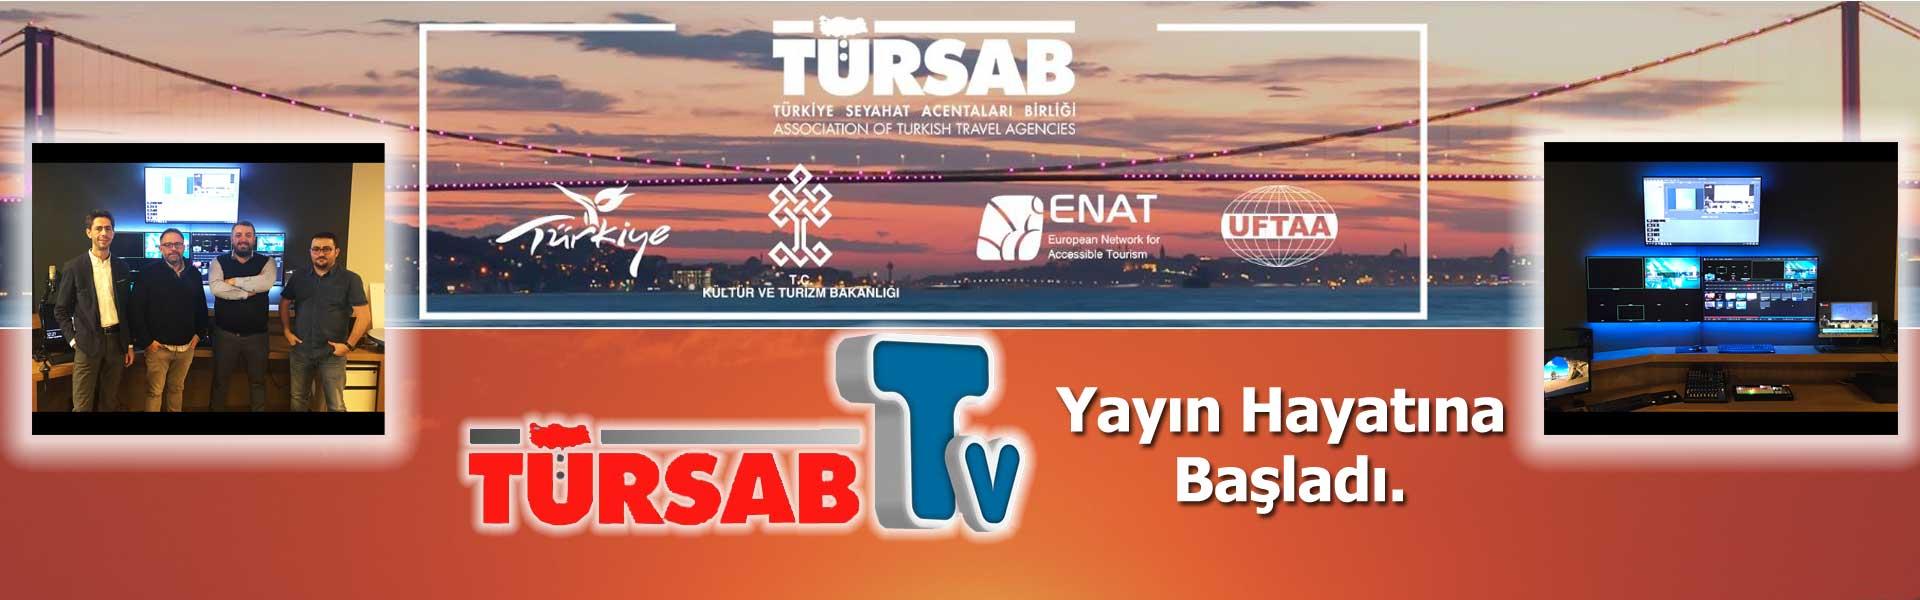 Tursab-slider-4